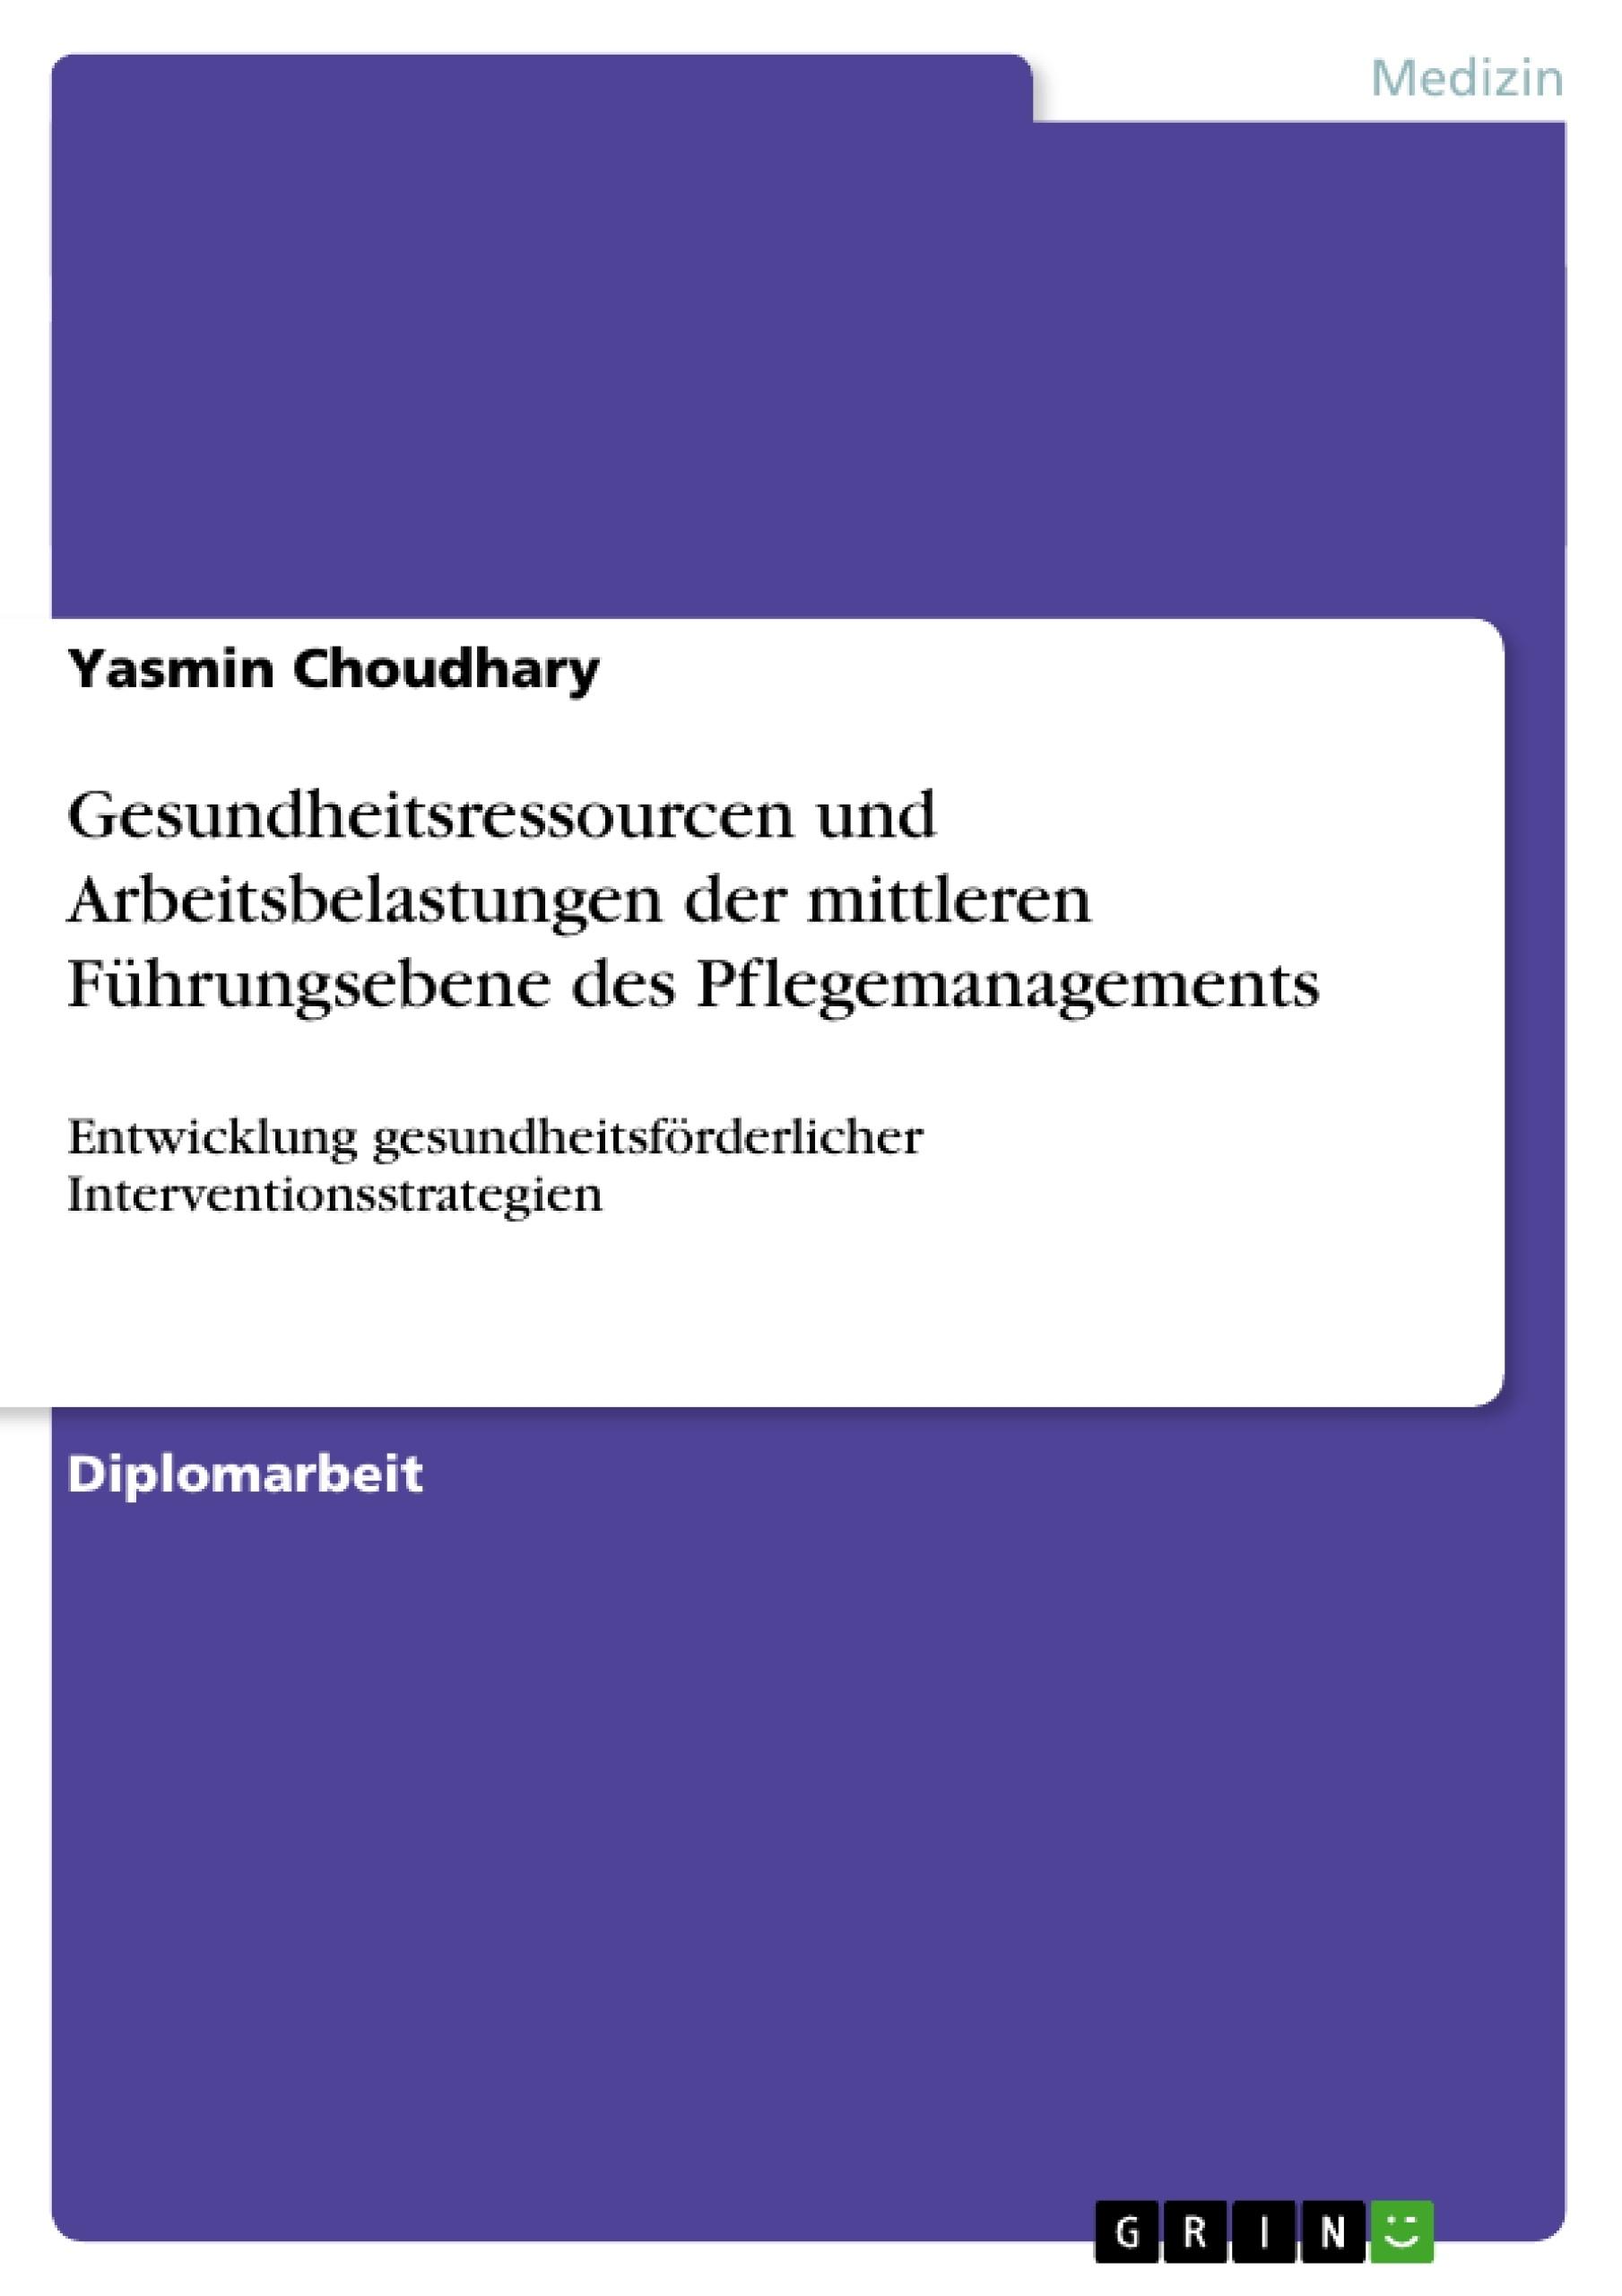 Titel: Gesundheitsressourcen und Arbeitsbelastungen der mittleren Führungsebene des Pflegemanagements